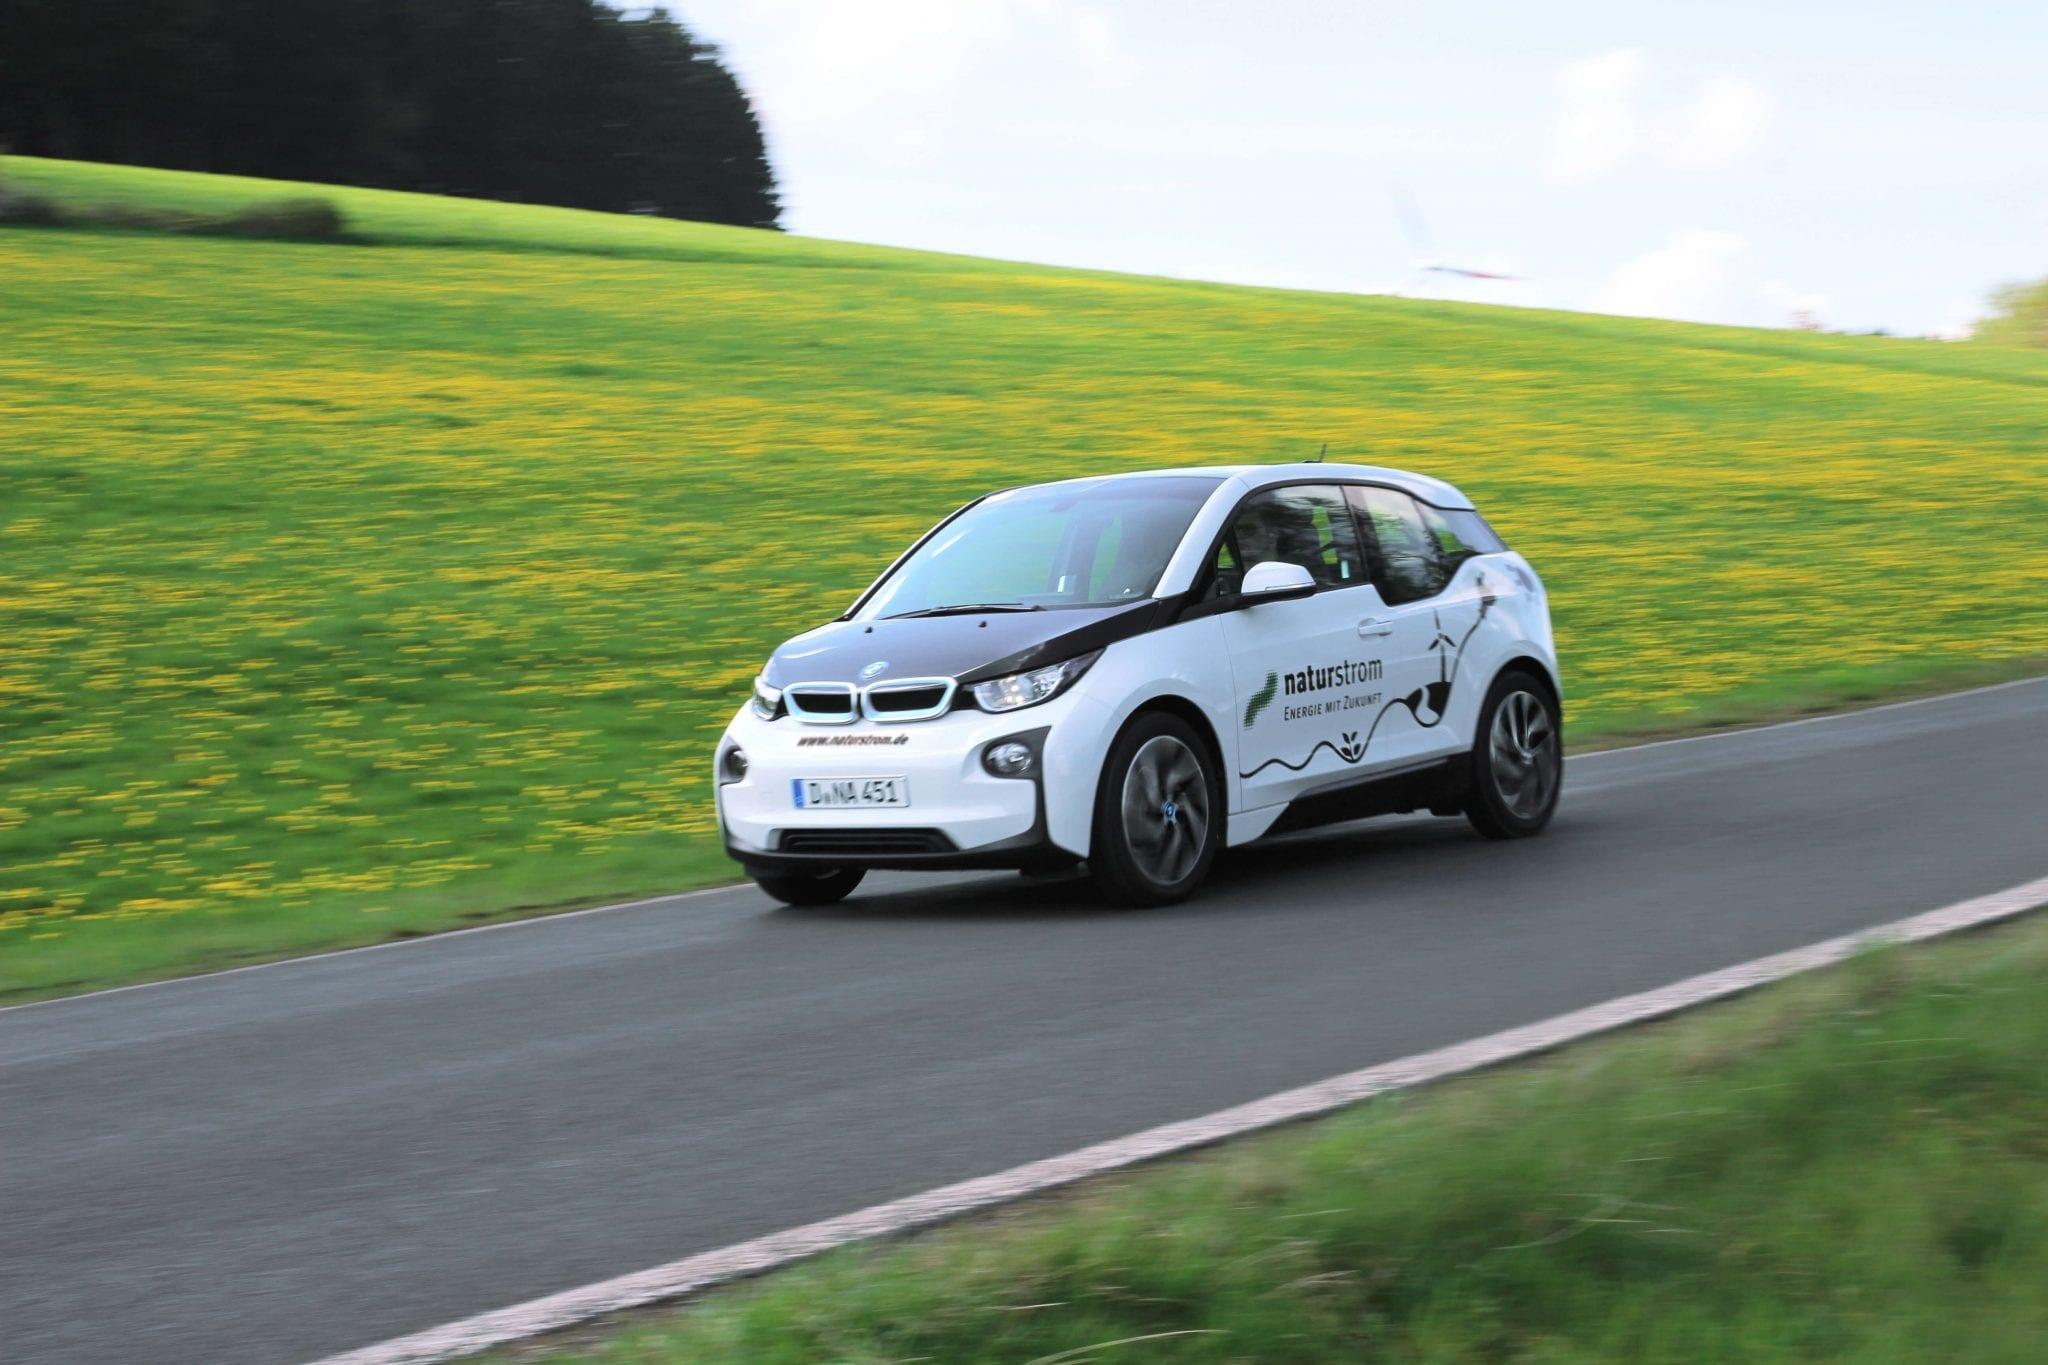 BMW i3 mit naturstrom